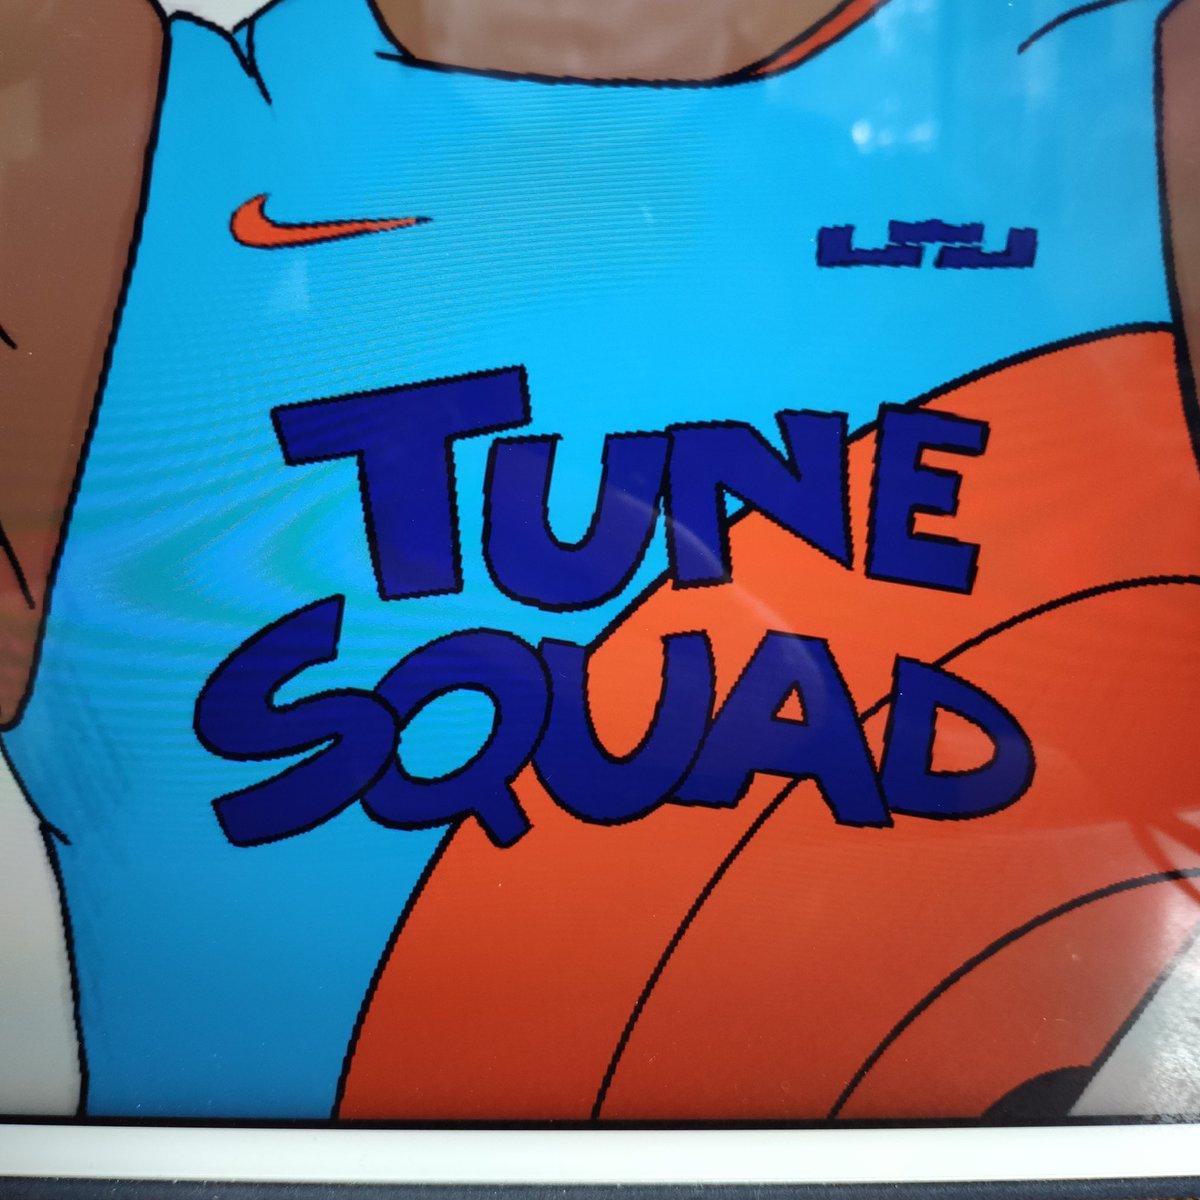 Se viene...  #TuneSquad #SpaceJam